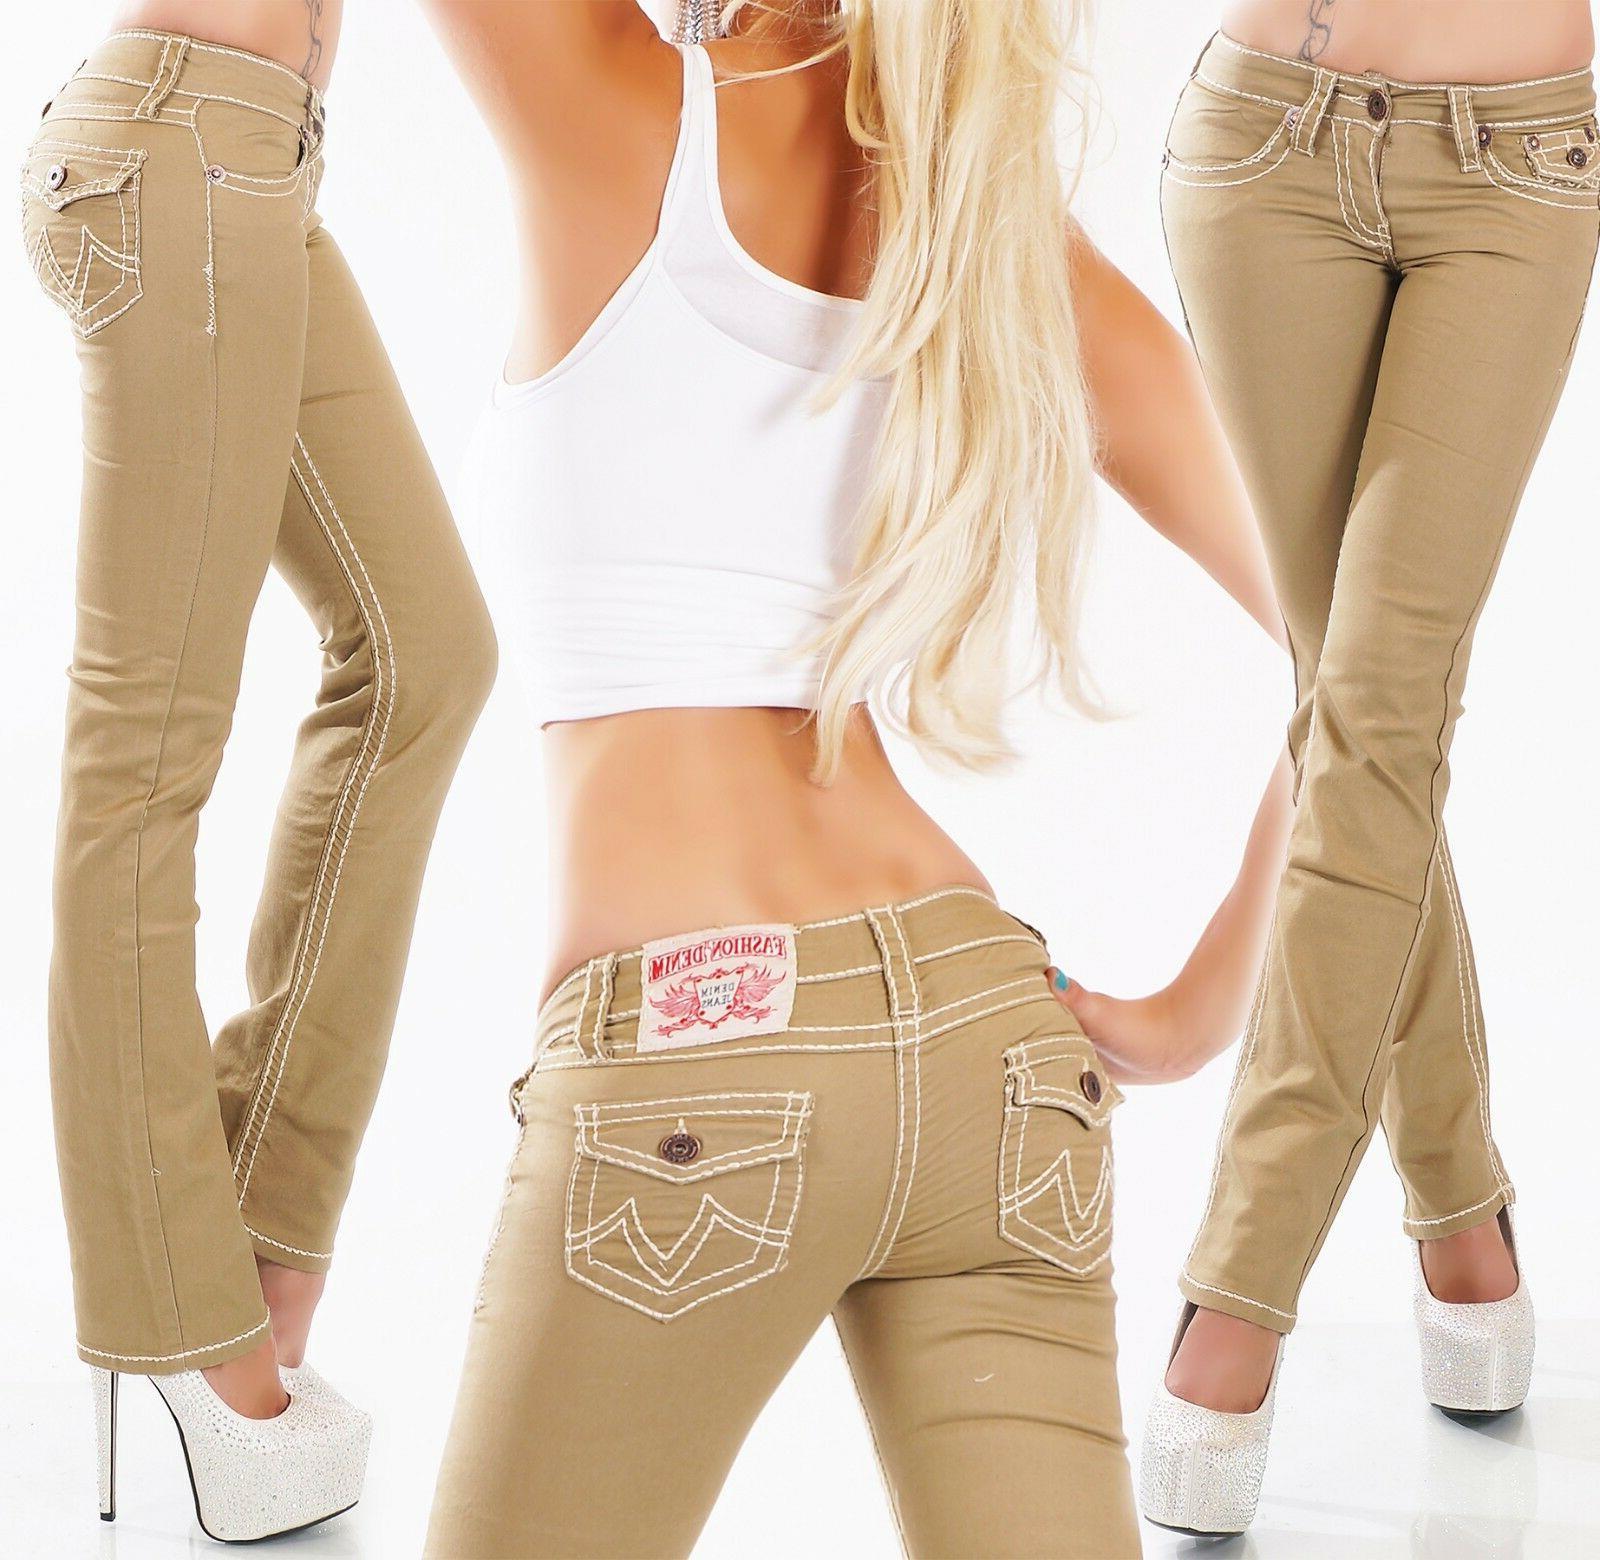 Women's Straight Leg Denim Jeans S/M/L/XL/XXL